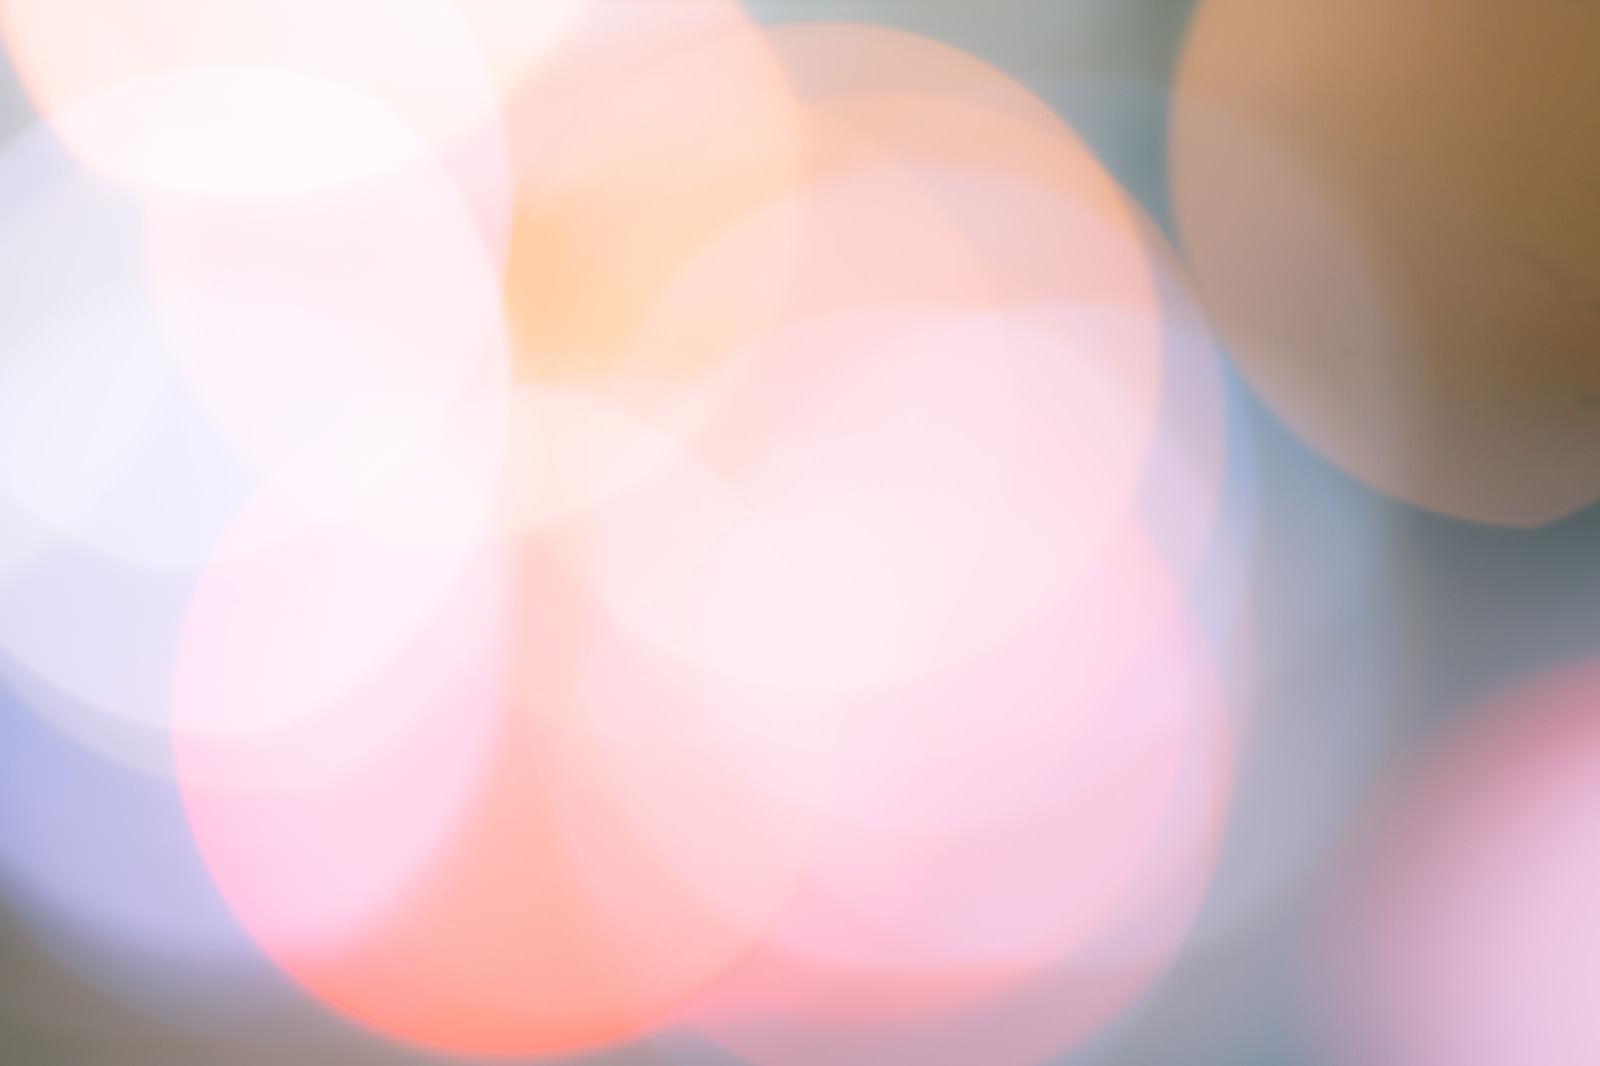 「色あせた丸ボケ」の写真